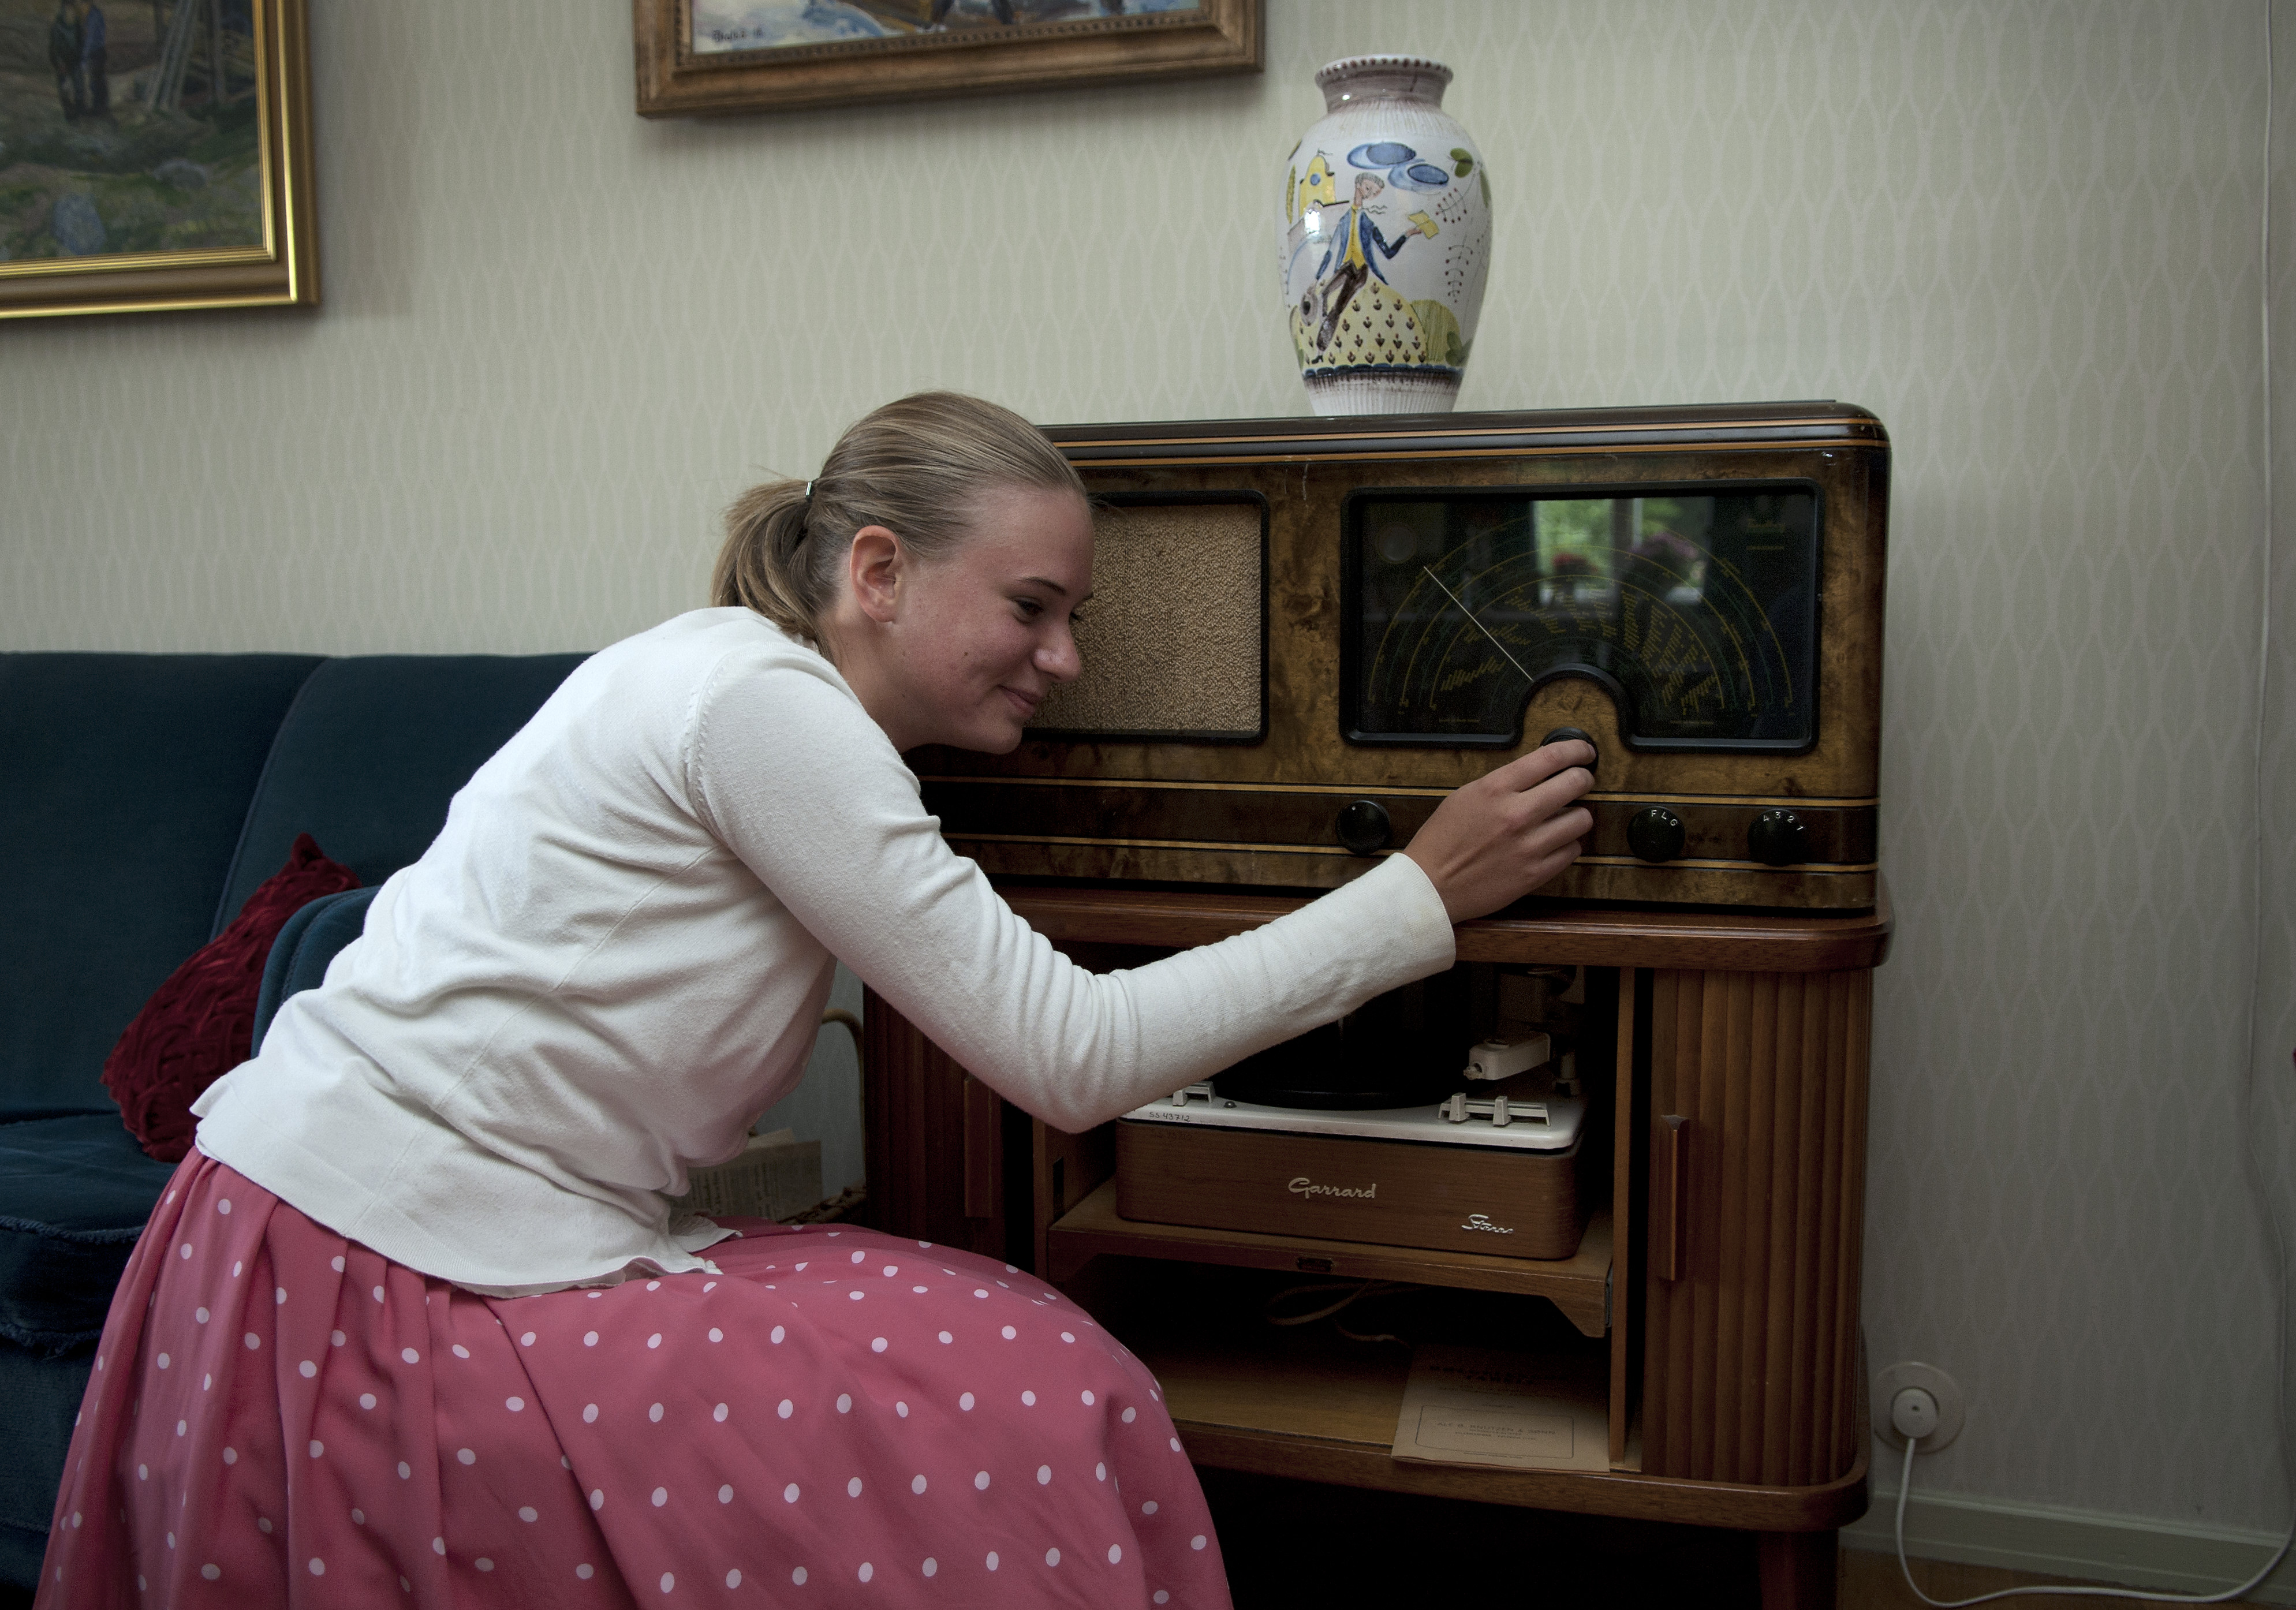 Jente i 1950-tallsklær lytter til en stor gammeldags radio.